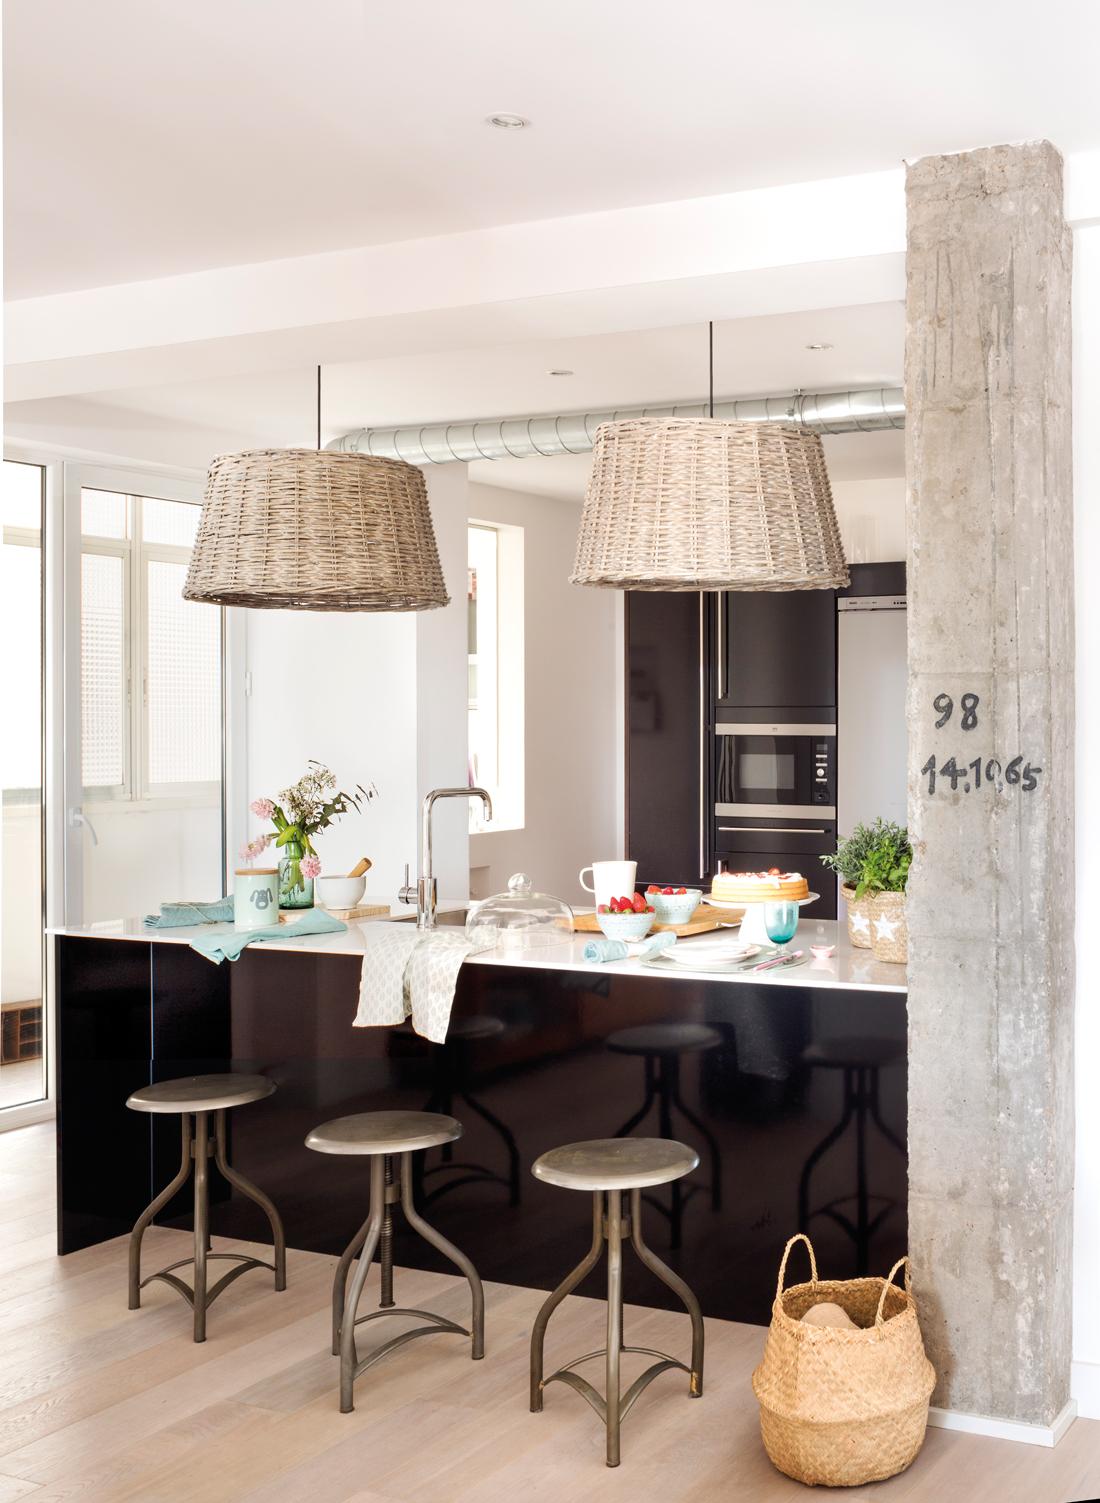 Ideas para decorar el office - Taburetes barra cocina ...